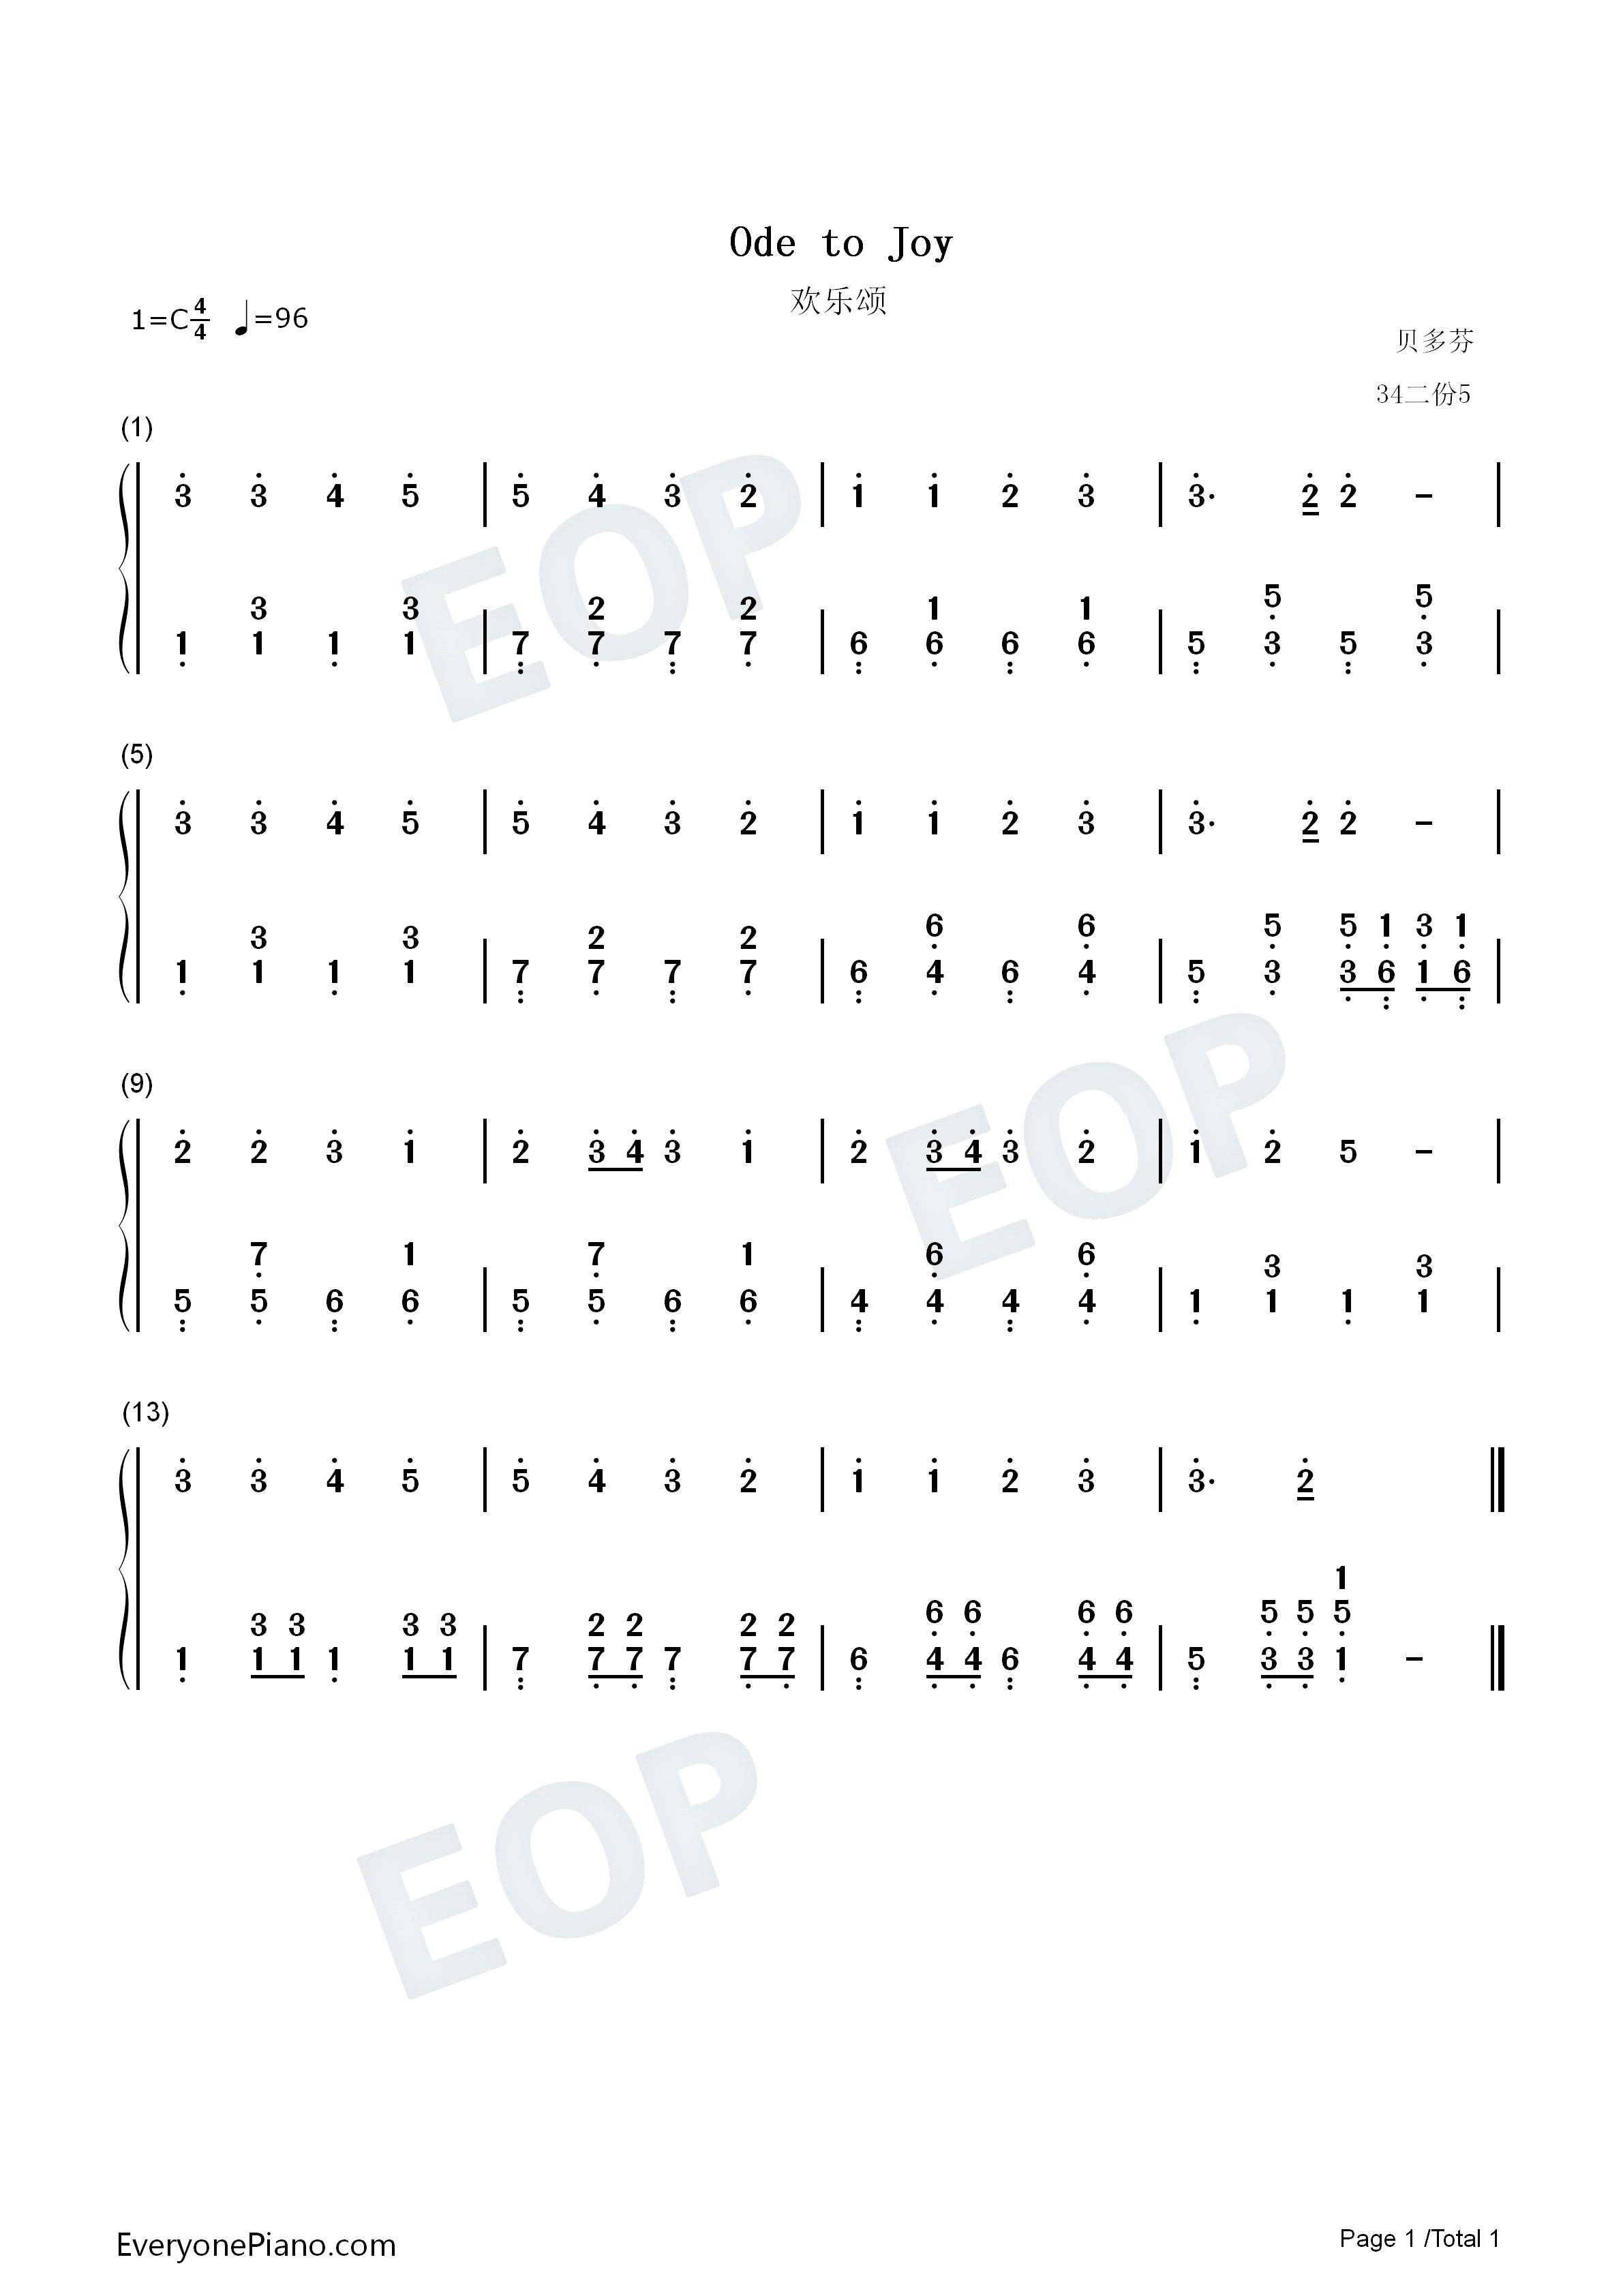 钢琴曲谱 练习曲 欢乐颂-song of joy 欢乐颂-song of joy双手简谱